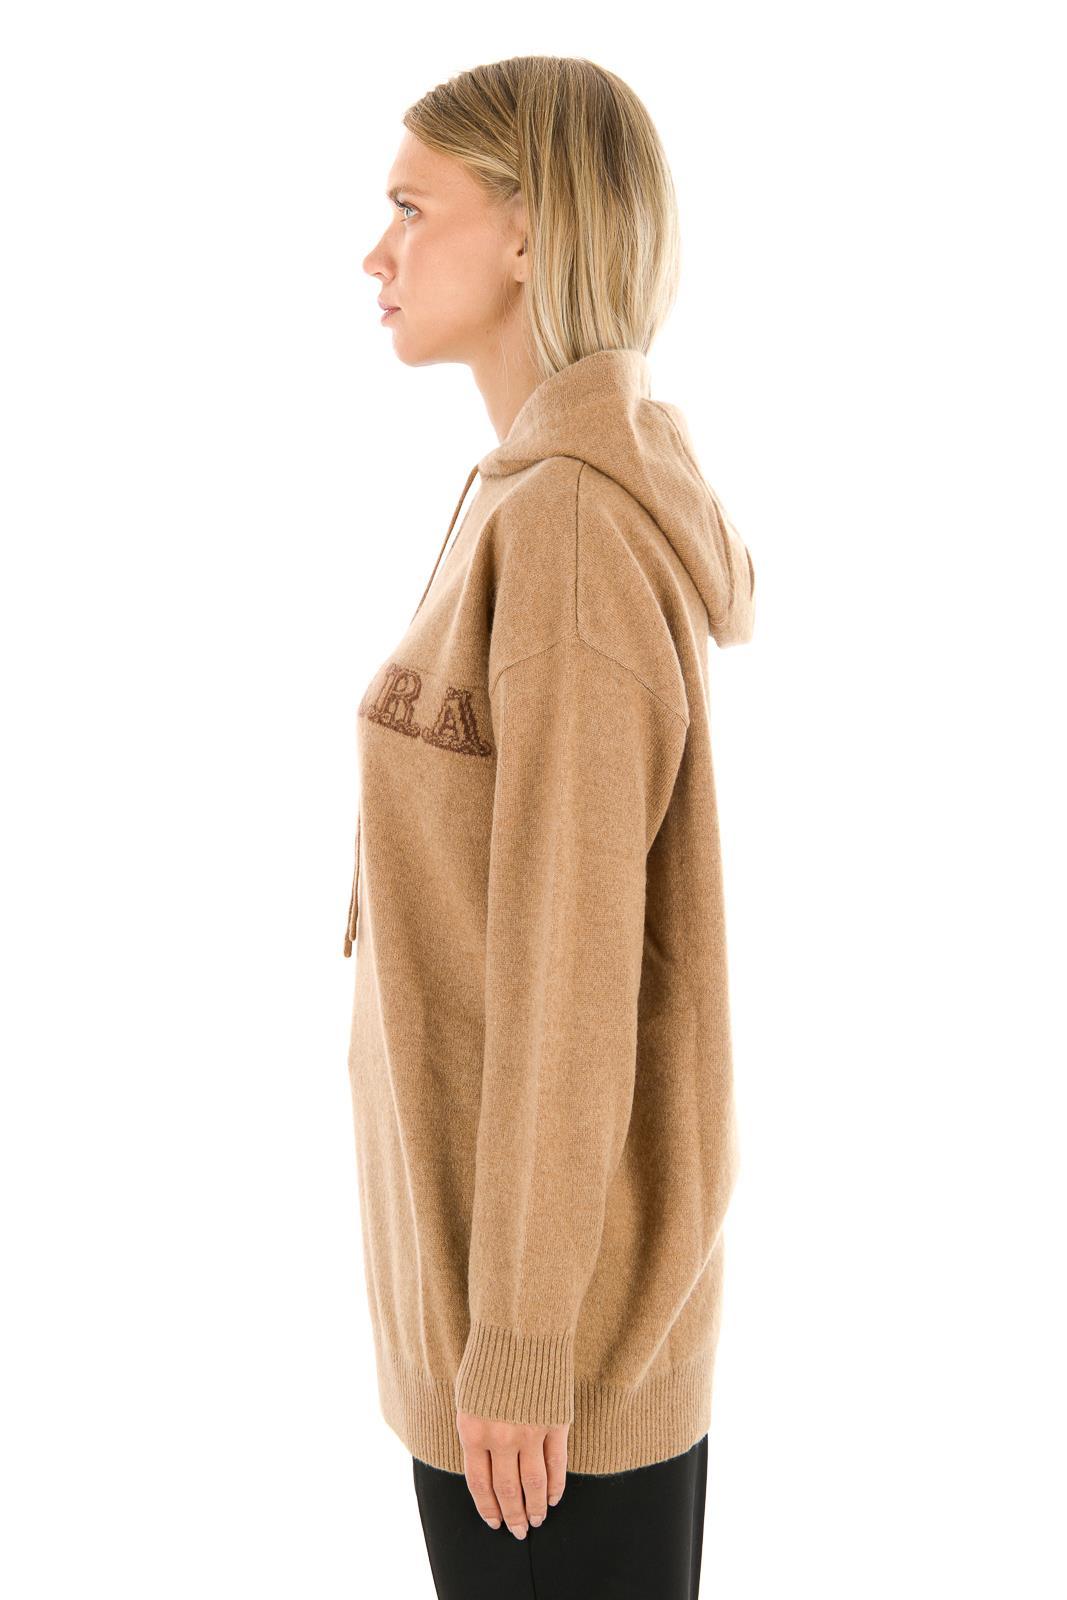 ddfea8794995 MAXMARA Sweatshirt SCRIGNO for Women   Jole.it Online Boutique